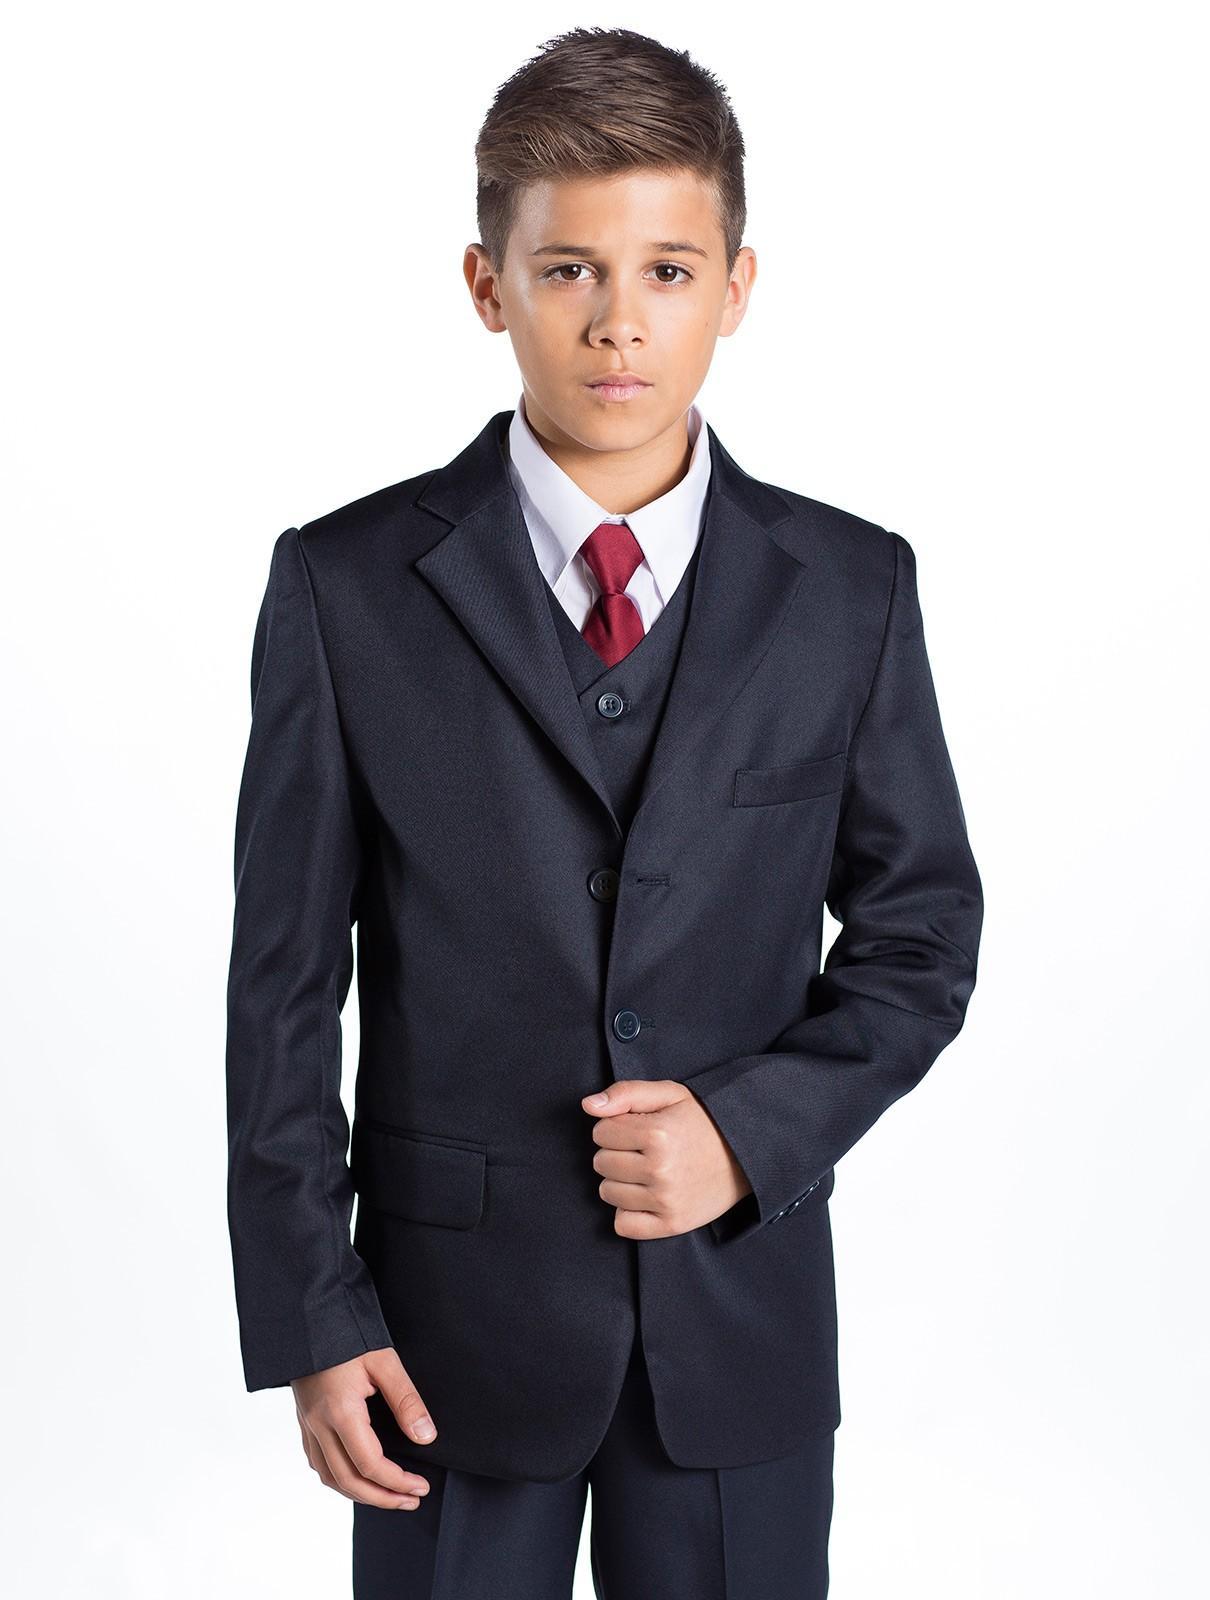 NOVINKA - oblek pro chlapce, k půjčení, k prodeji - Obrázek č. 4